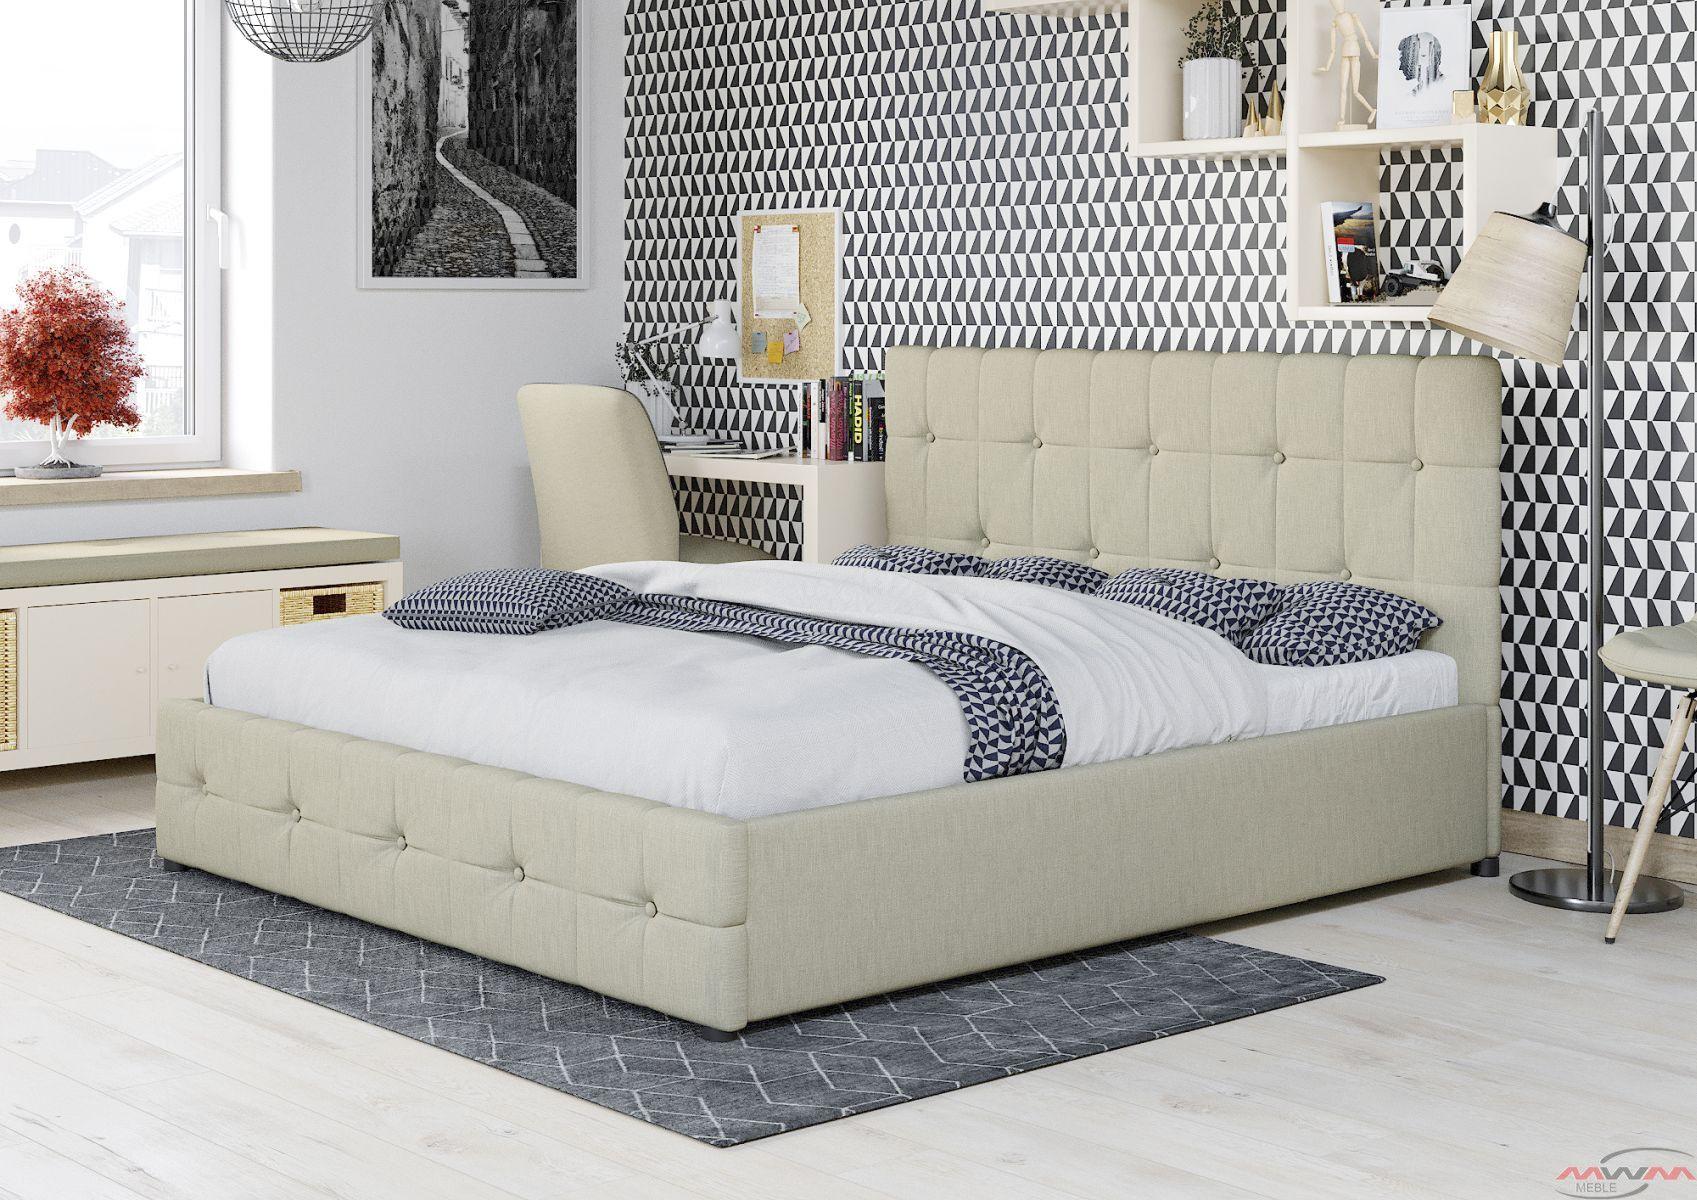 łóżko Tapicerowane Do Sypialni 160x200 Sfg012c Beż